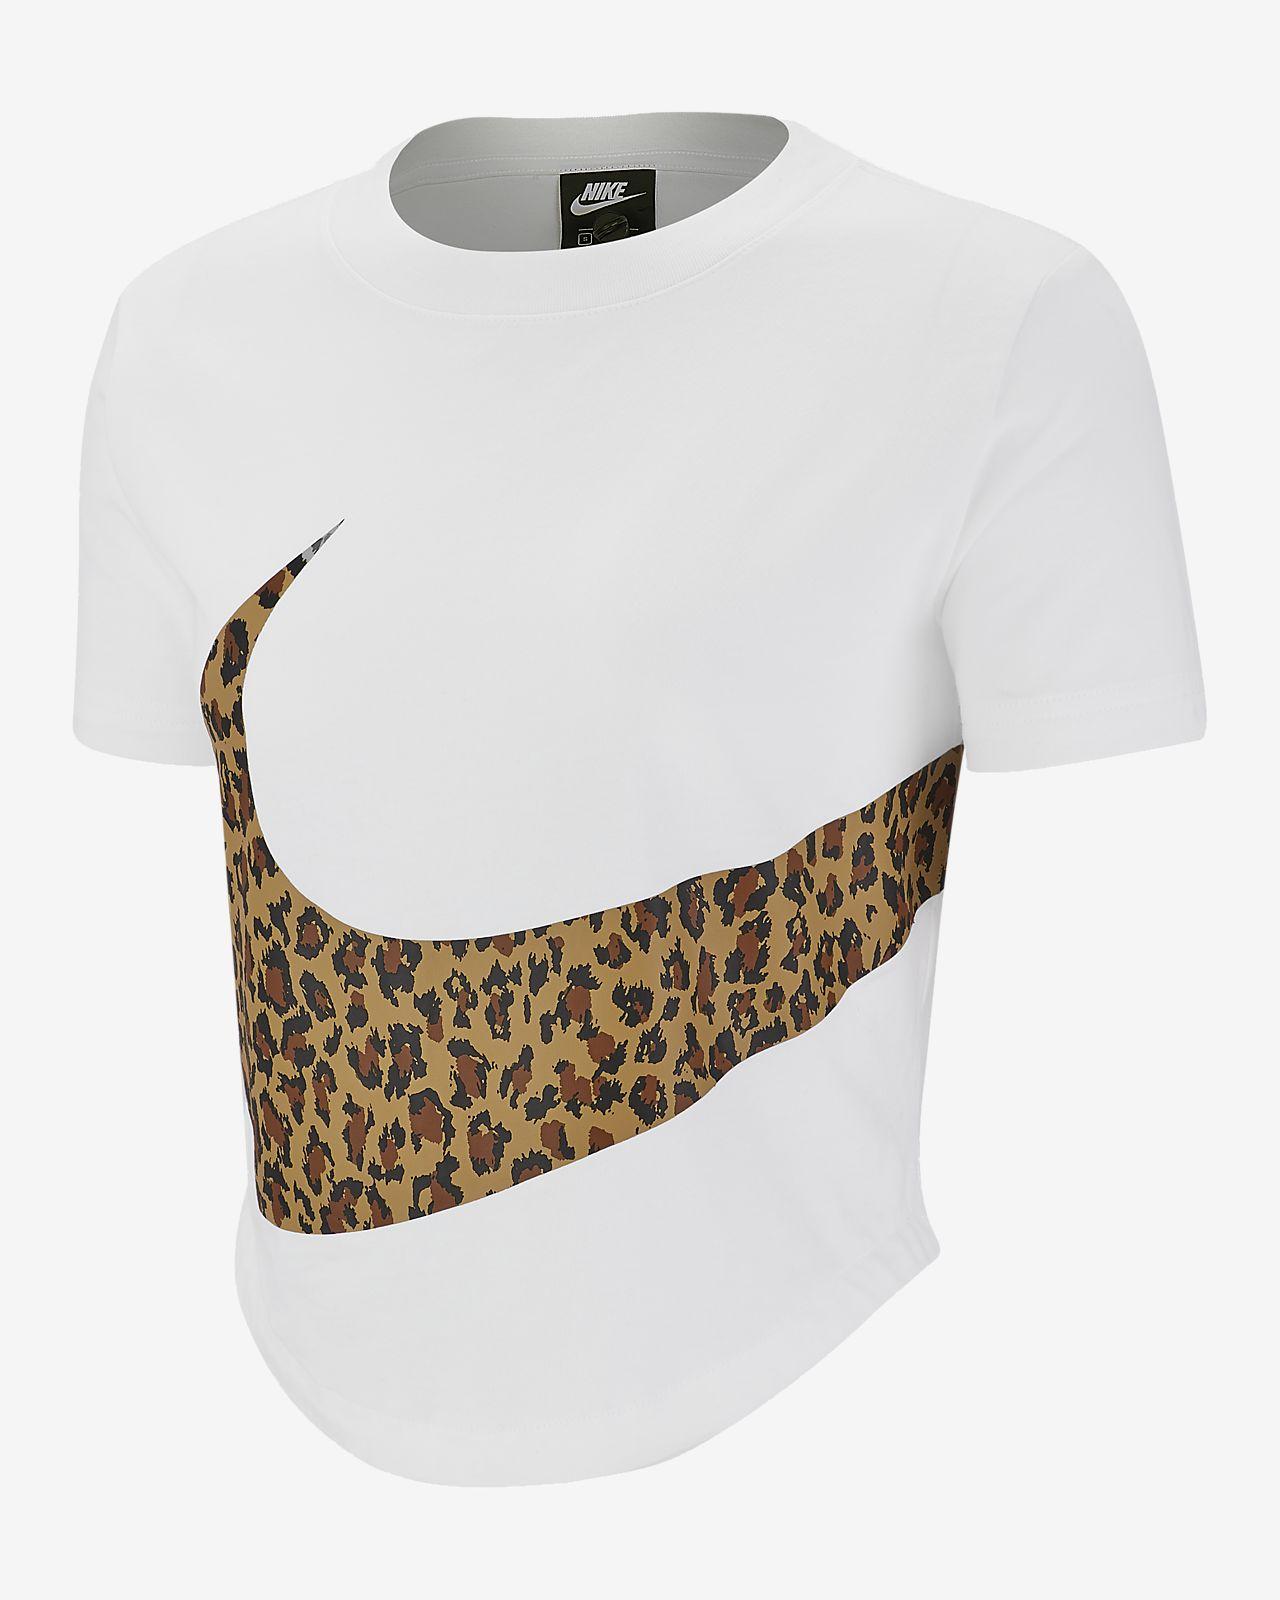 5a8b9f9b9c4d Haut court à imprimé animal Nike Sportswear pour Femme. Nike.com FR